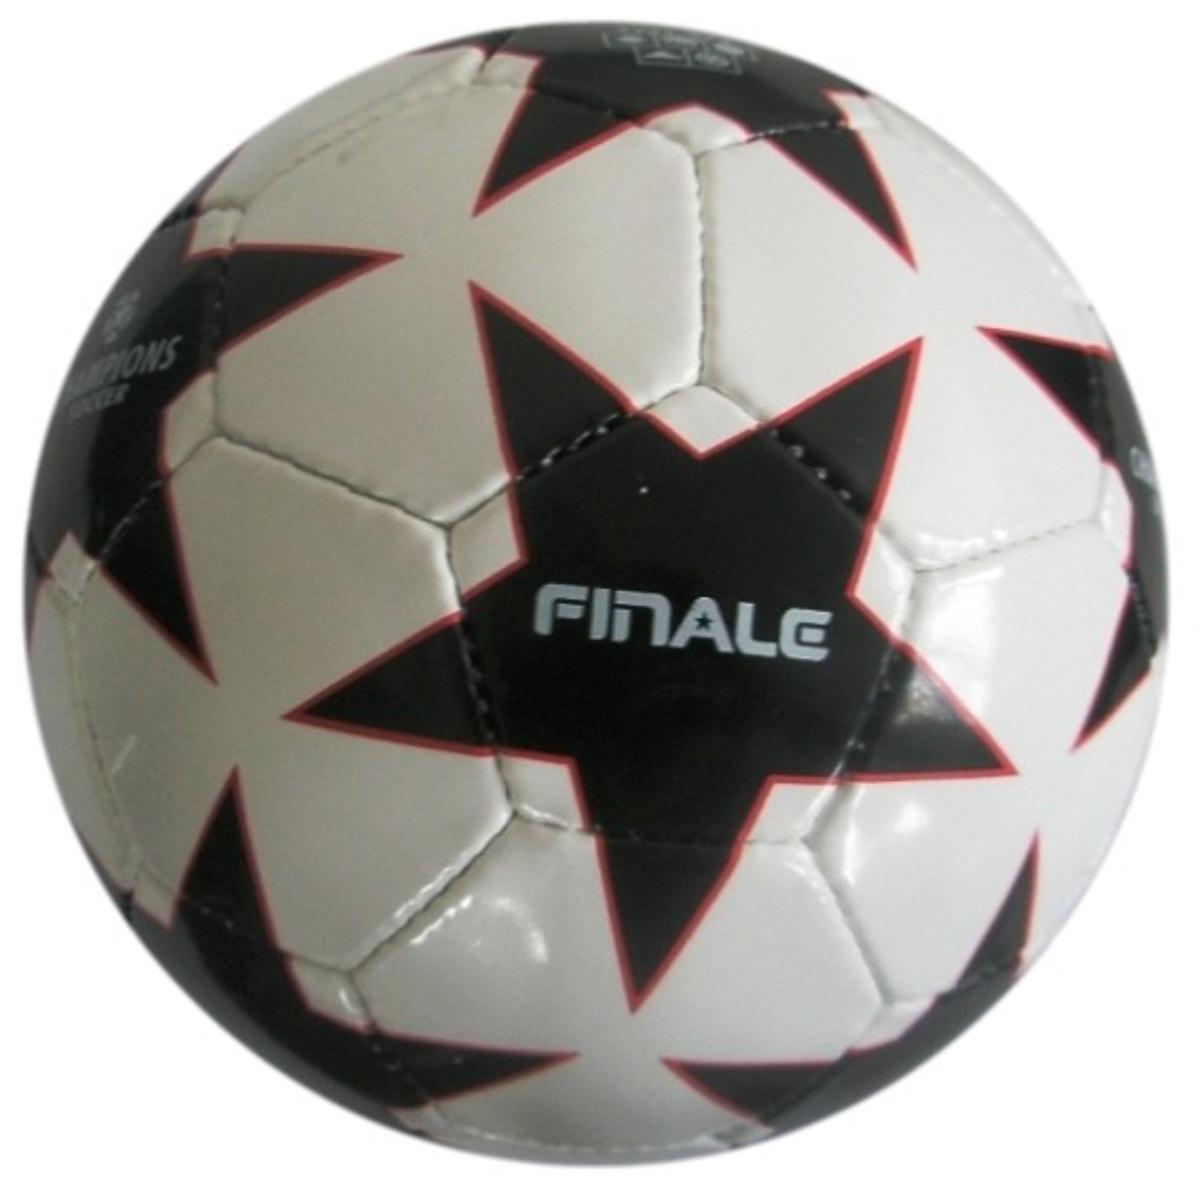 Fotbalový míč RICHMORAL Finale 4